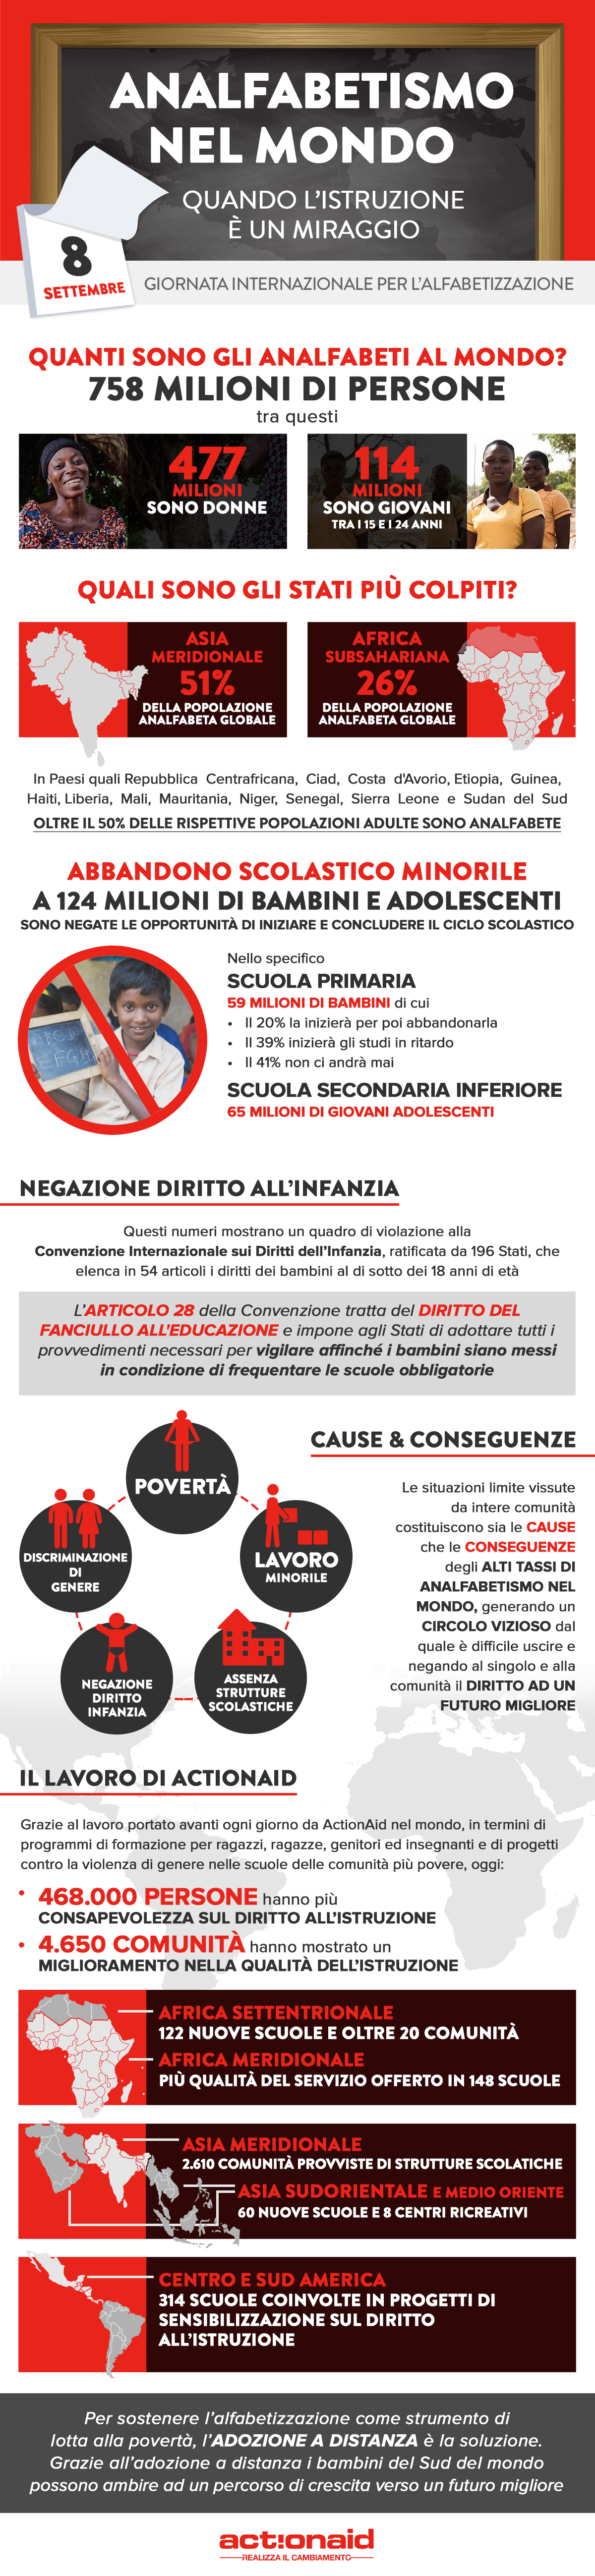 20170904_actionaid_istruzione_infografica